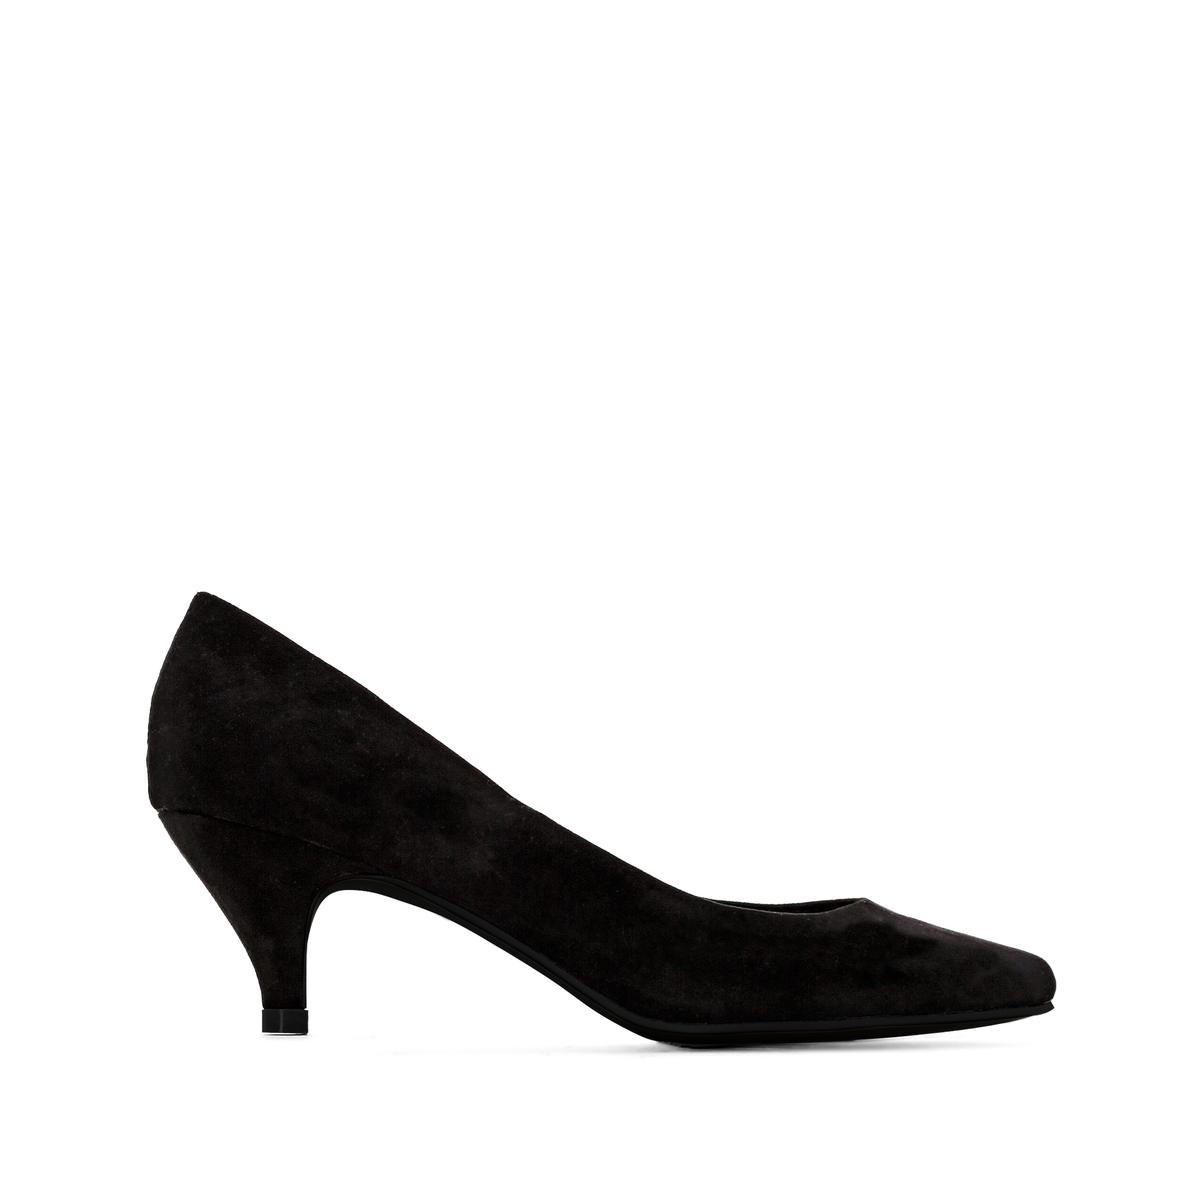 Туфли La Redoute На среднем каблуке на широкую стопу размеры - 42 черный туфли indiana туфли на среднем каблуке